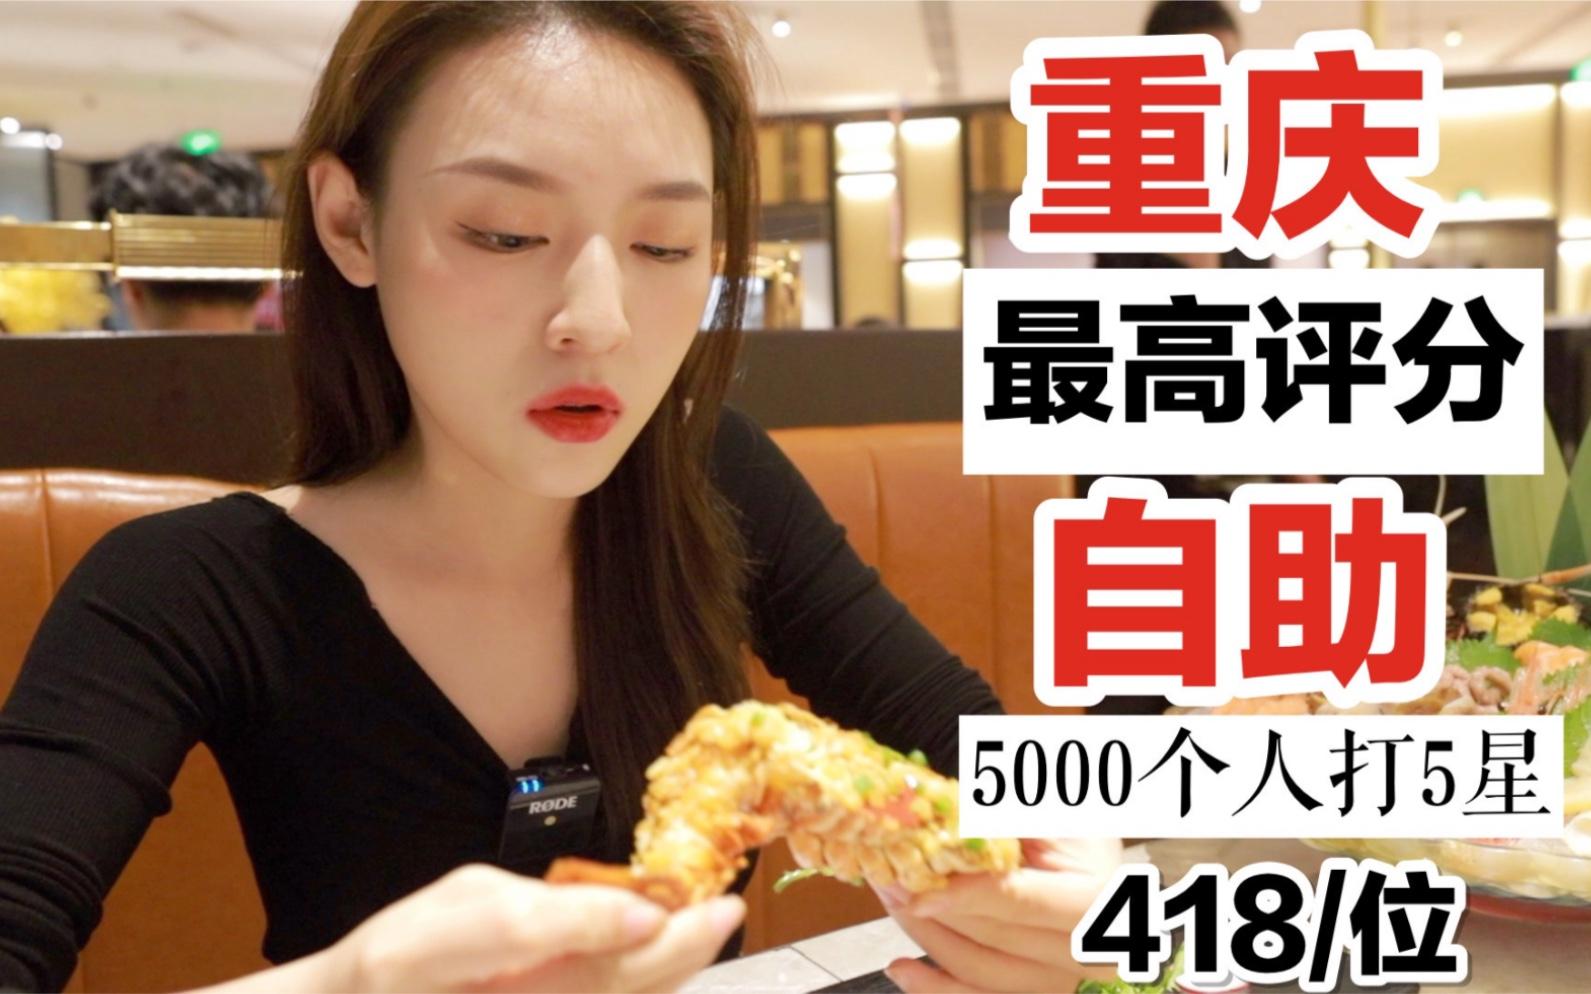 花418元吃 5000人给出五星好评的海鲜自助, 同行小伙伴馋的想打我!